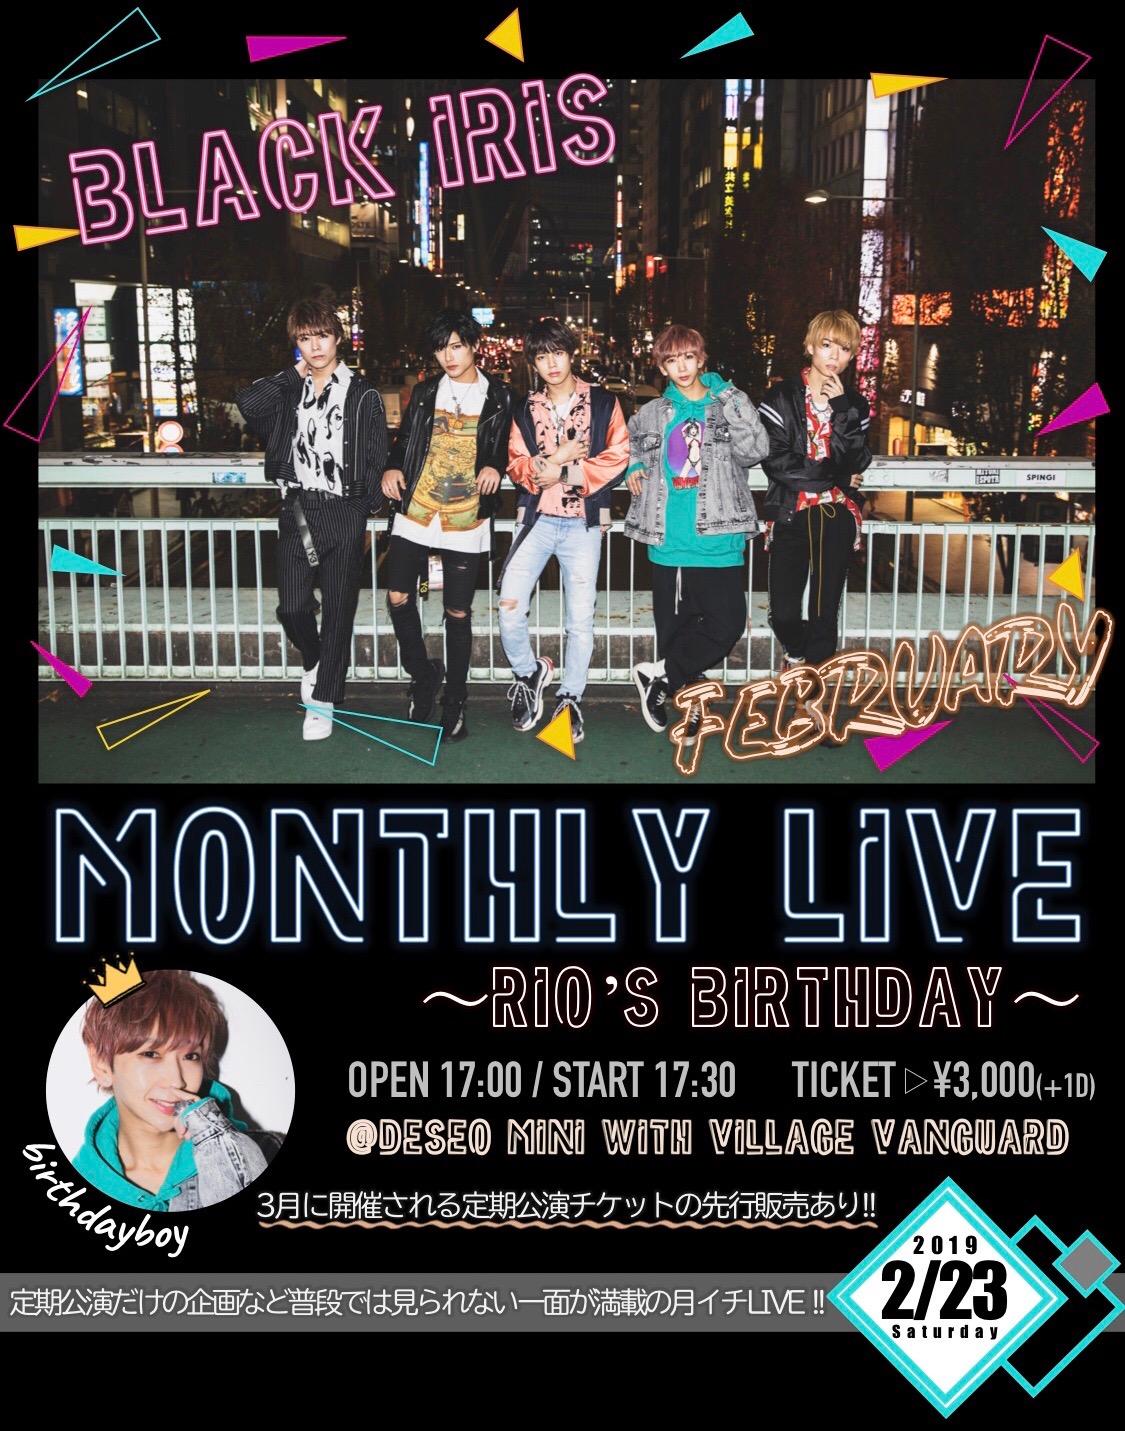 BLACK IRIS MONTHLY LIVE 〜RIO'S BIRTHDAY〜